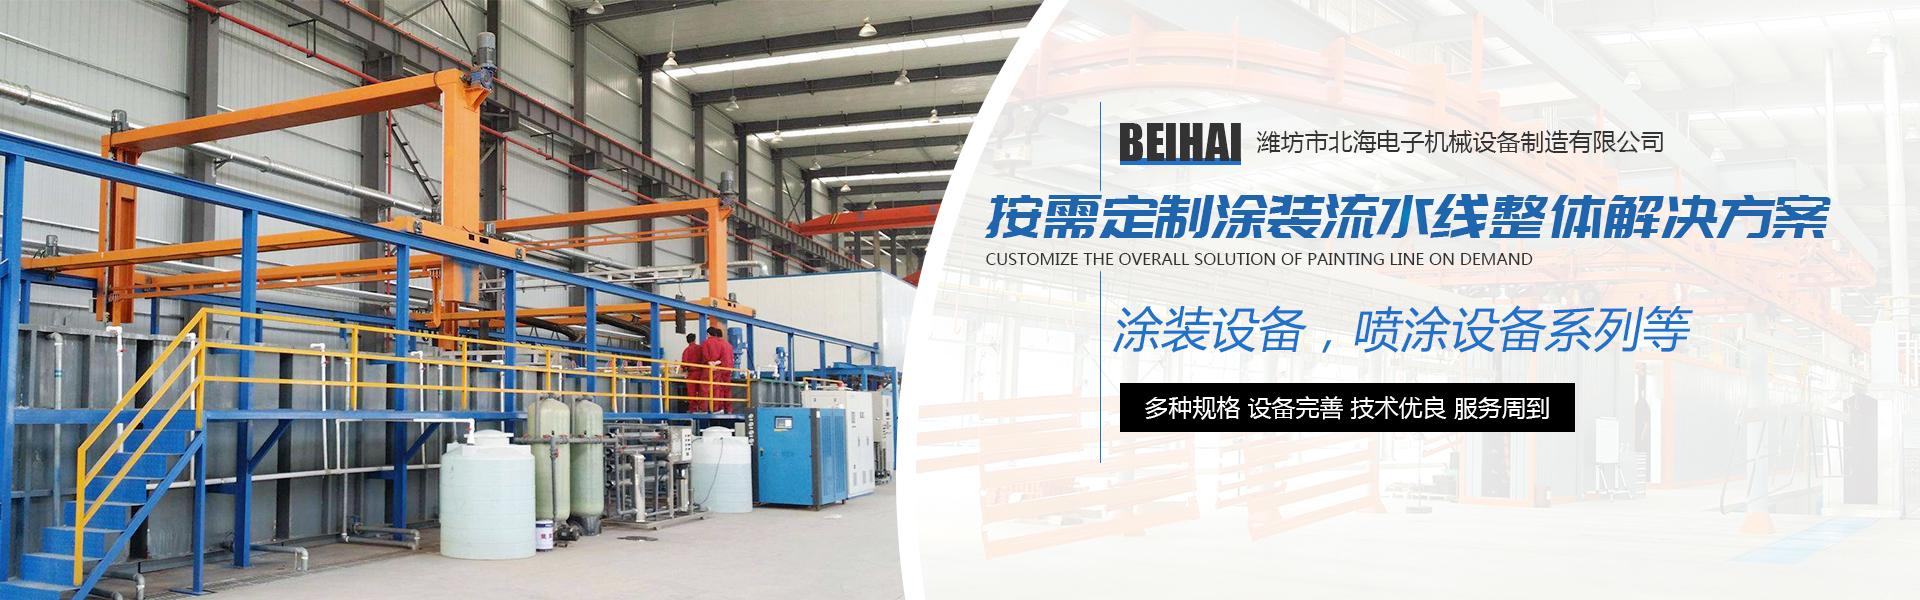 潍坊市北海电子机械设备制造有限公司主营喷涂设备流水线和涂装设备生产线以及涂装设备、抗震支吊架等,是一家集产品设计、研发、生产、制造、销售于一体的高科技民营企业。